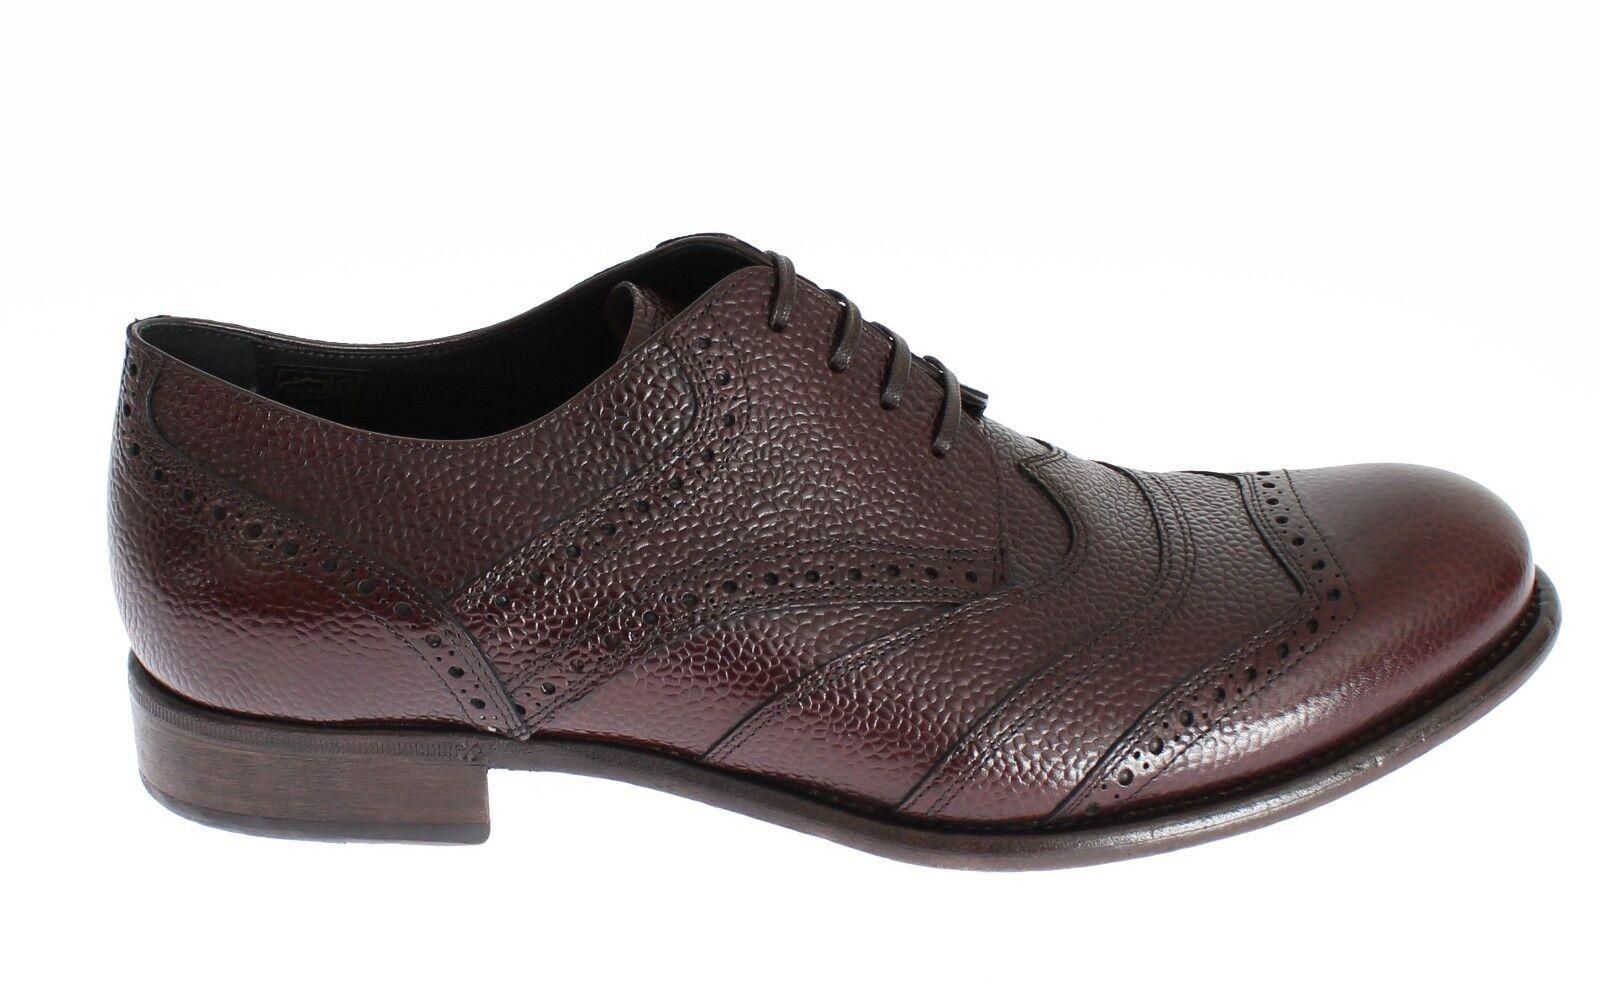 Nuova con Etichetta Dolce & Gabbana Scarpe Marrone Bordeaux pelle Abito S.EU39 / Scarpe classiche da uomo